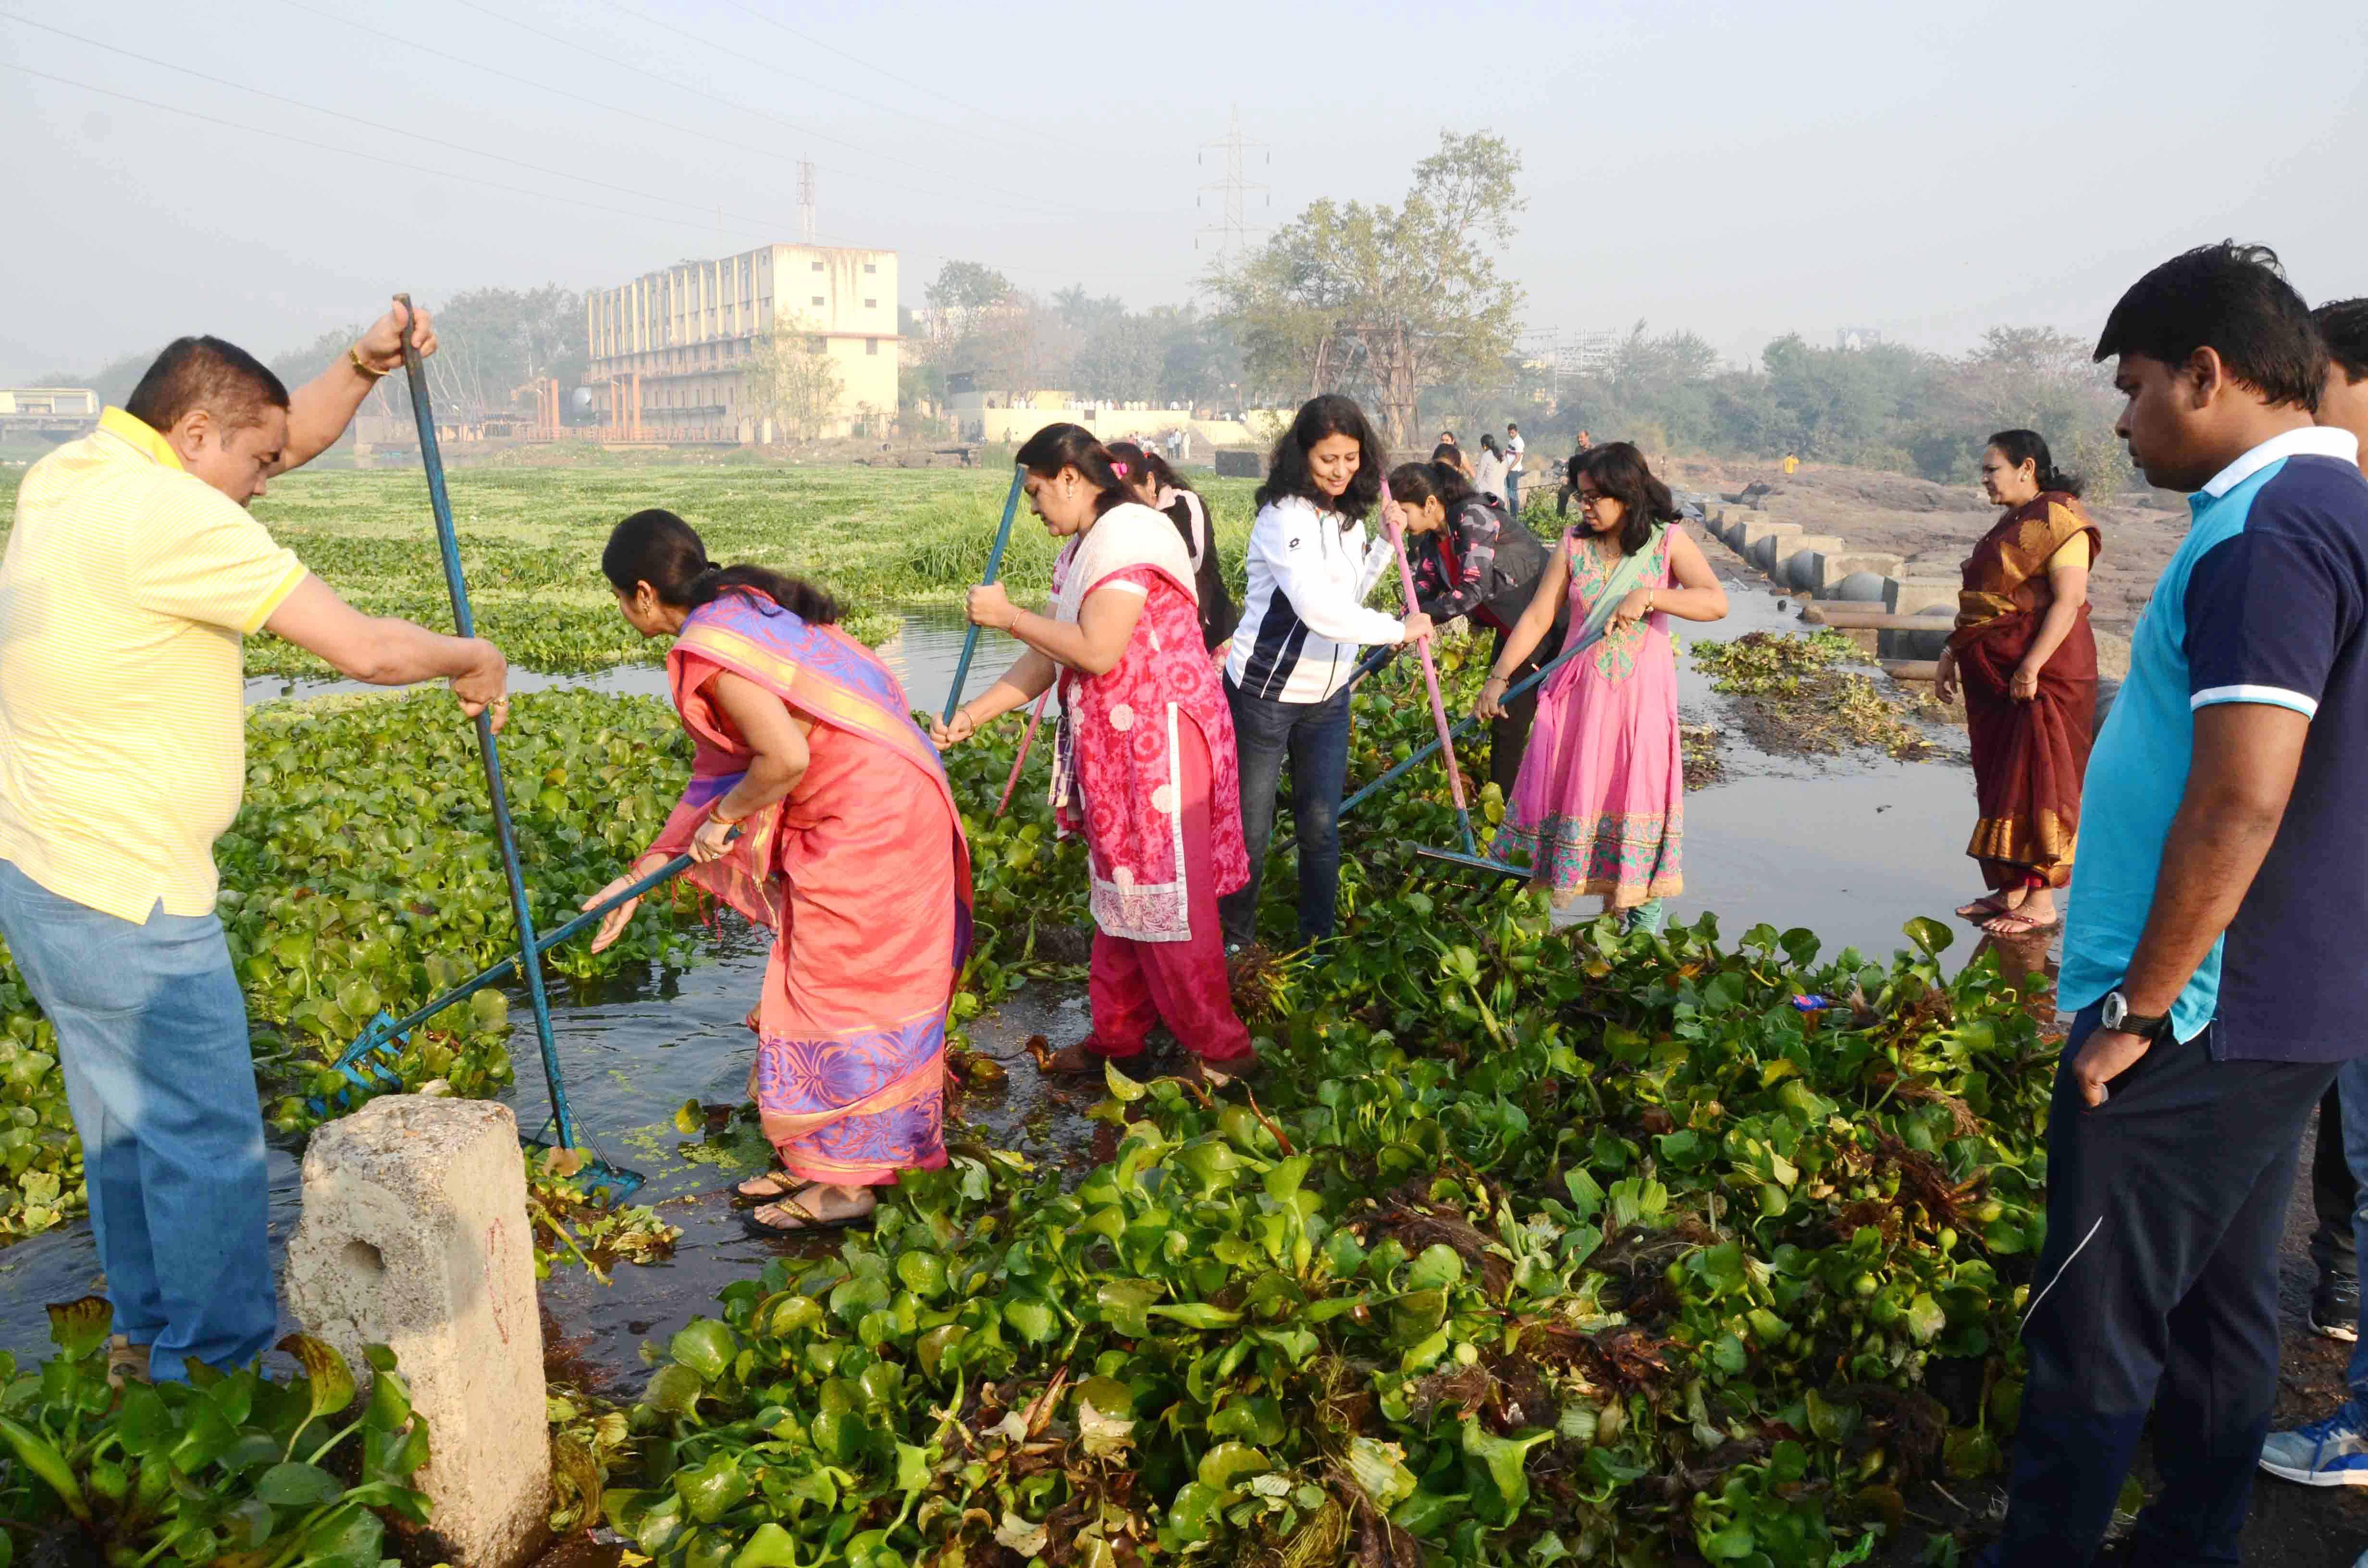 नदीस्वच्छतेचे अभियान न राहता याची चळवळ व्हावी - अंजली भागवत